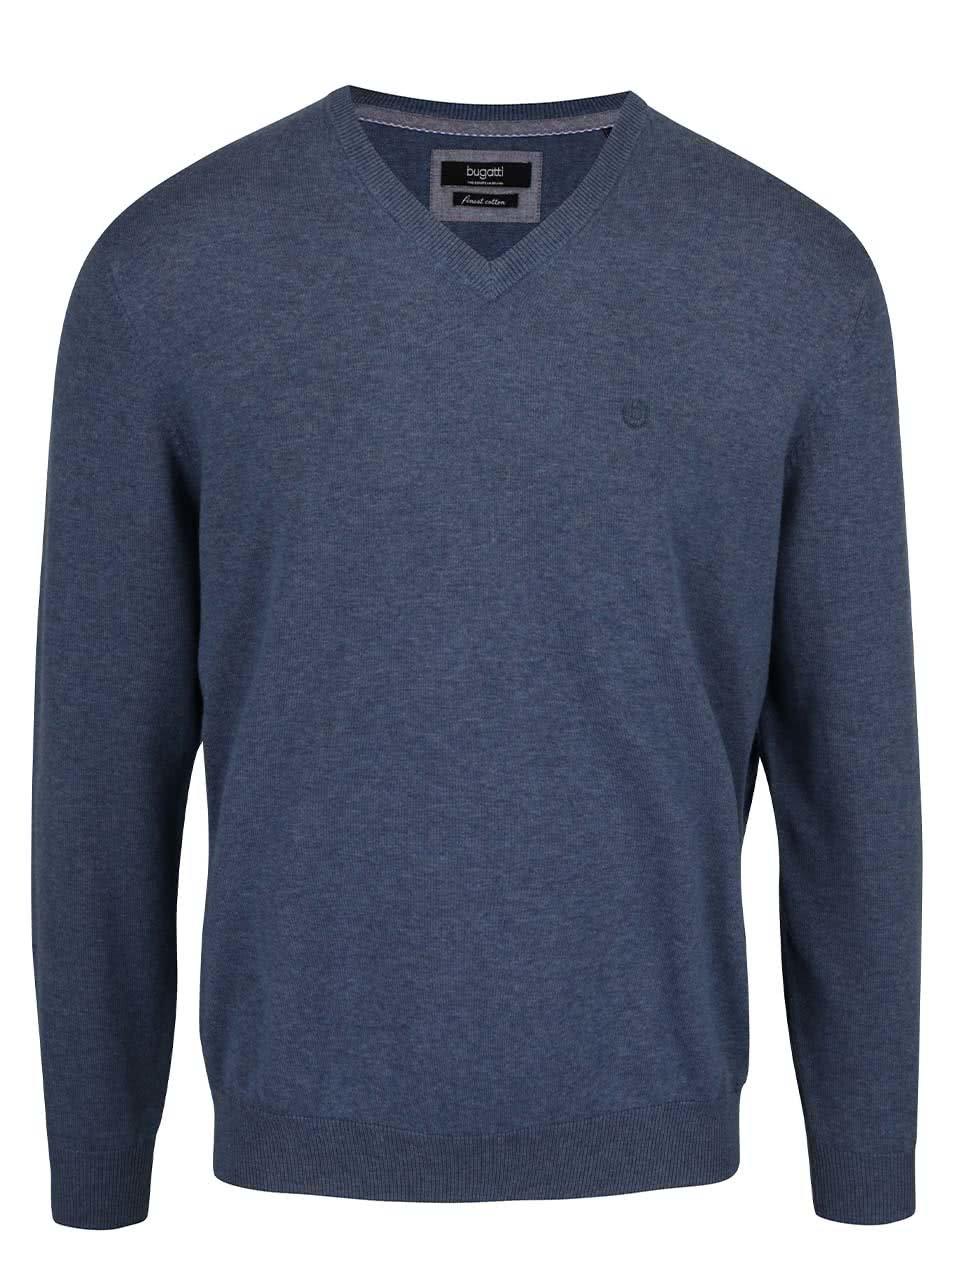 Modrý žíhaný pánský svetr bugatti ... c081eb2a98